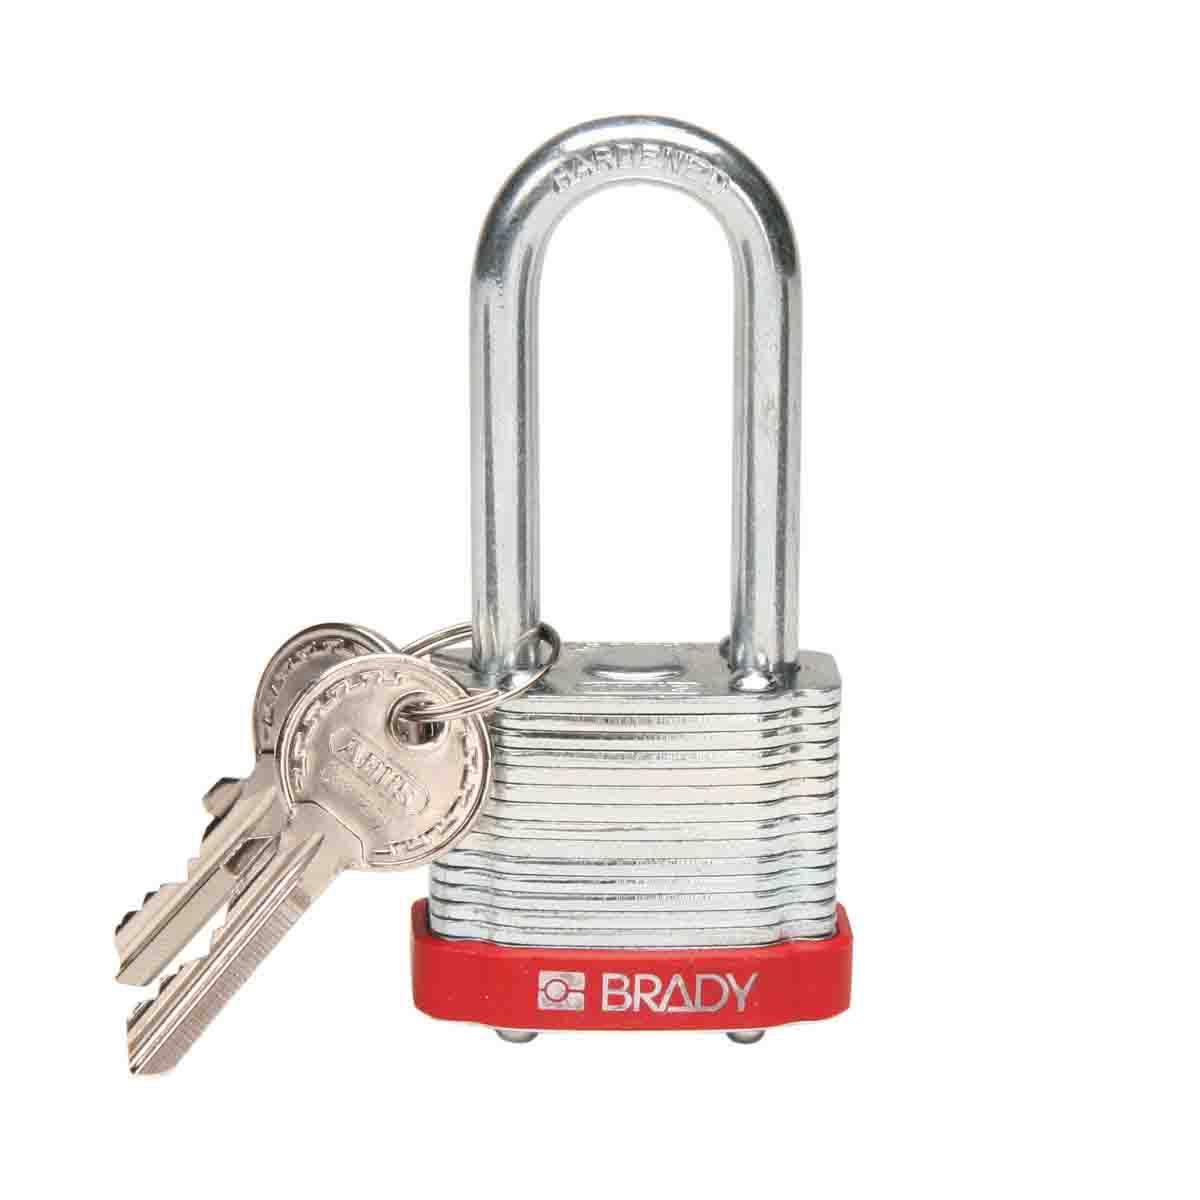 BRADY 99524 BRADY LOCK, STEEL, 2.0IN KD RED